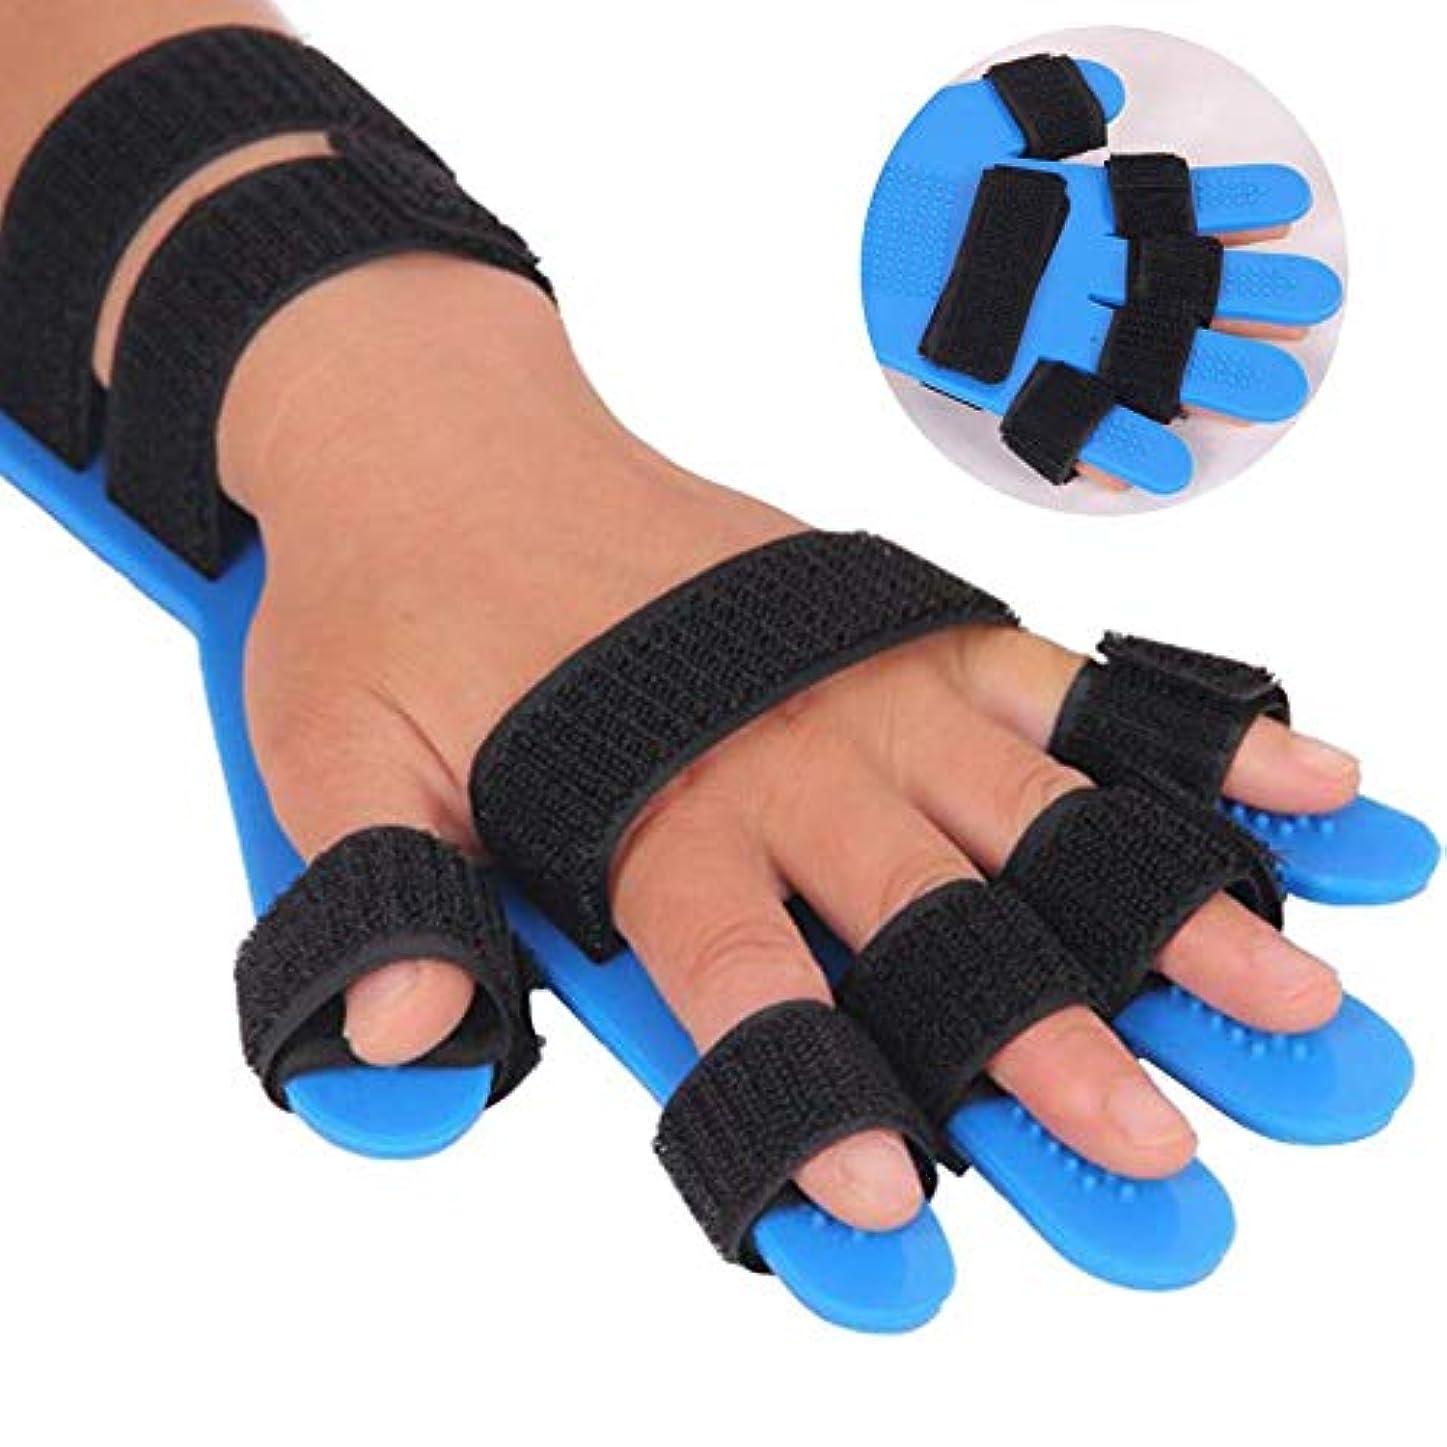 引退した電話する司書スプリント指指セパレーター、ばね指の添え木指、指インソールは、脳卒中/片麻痺/外傷性脳損傷のための指板、調節可能な手の指ボード装具スプリットフィンガートレーニングデバイスを、ポイント